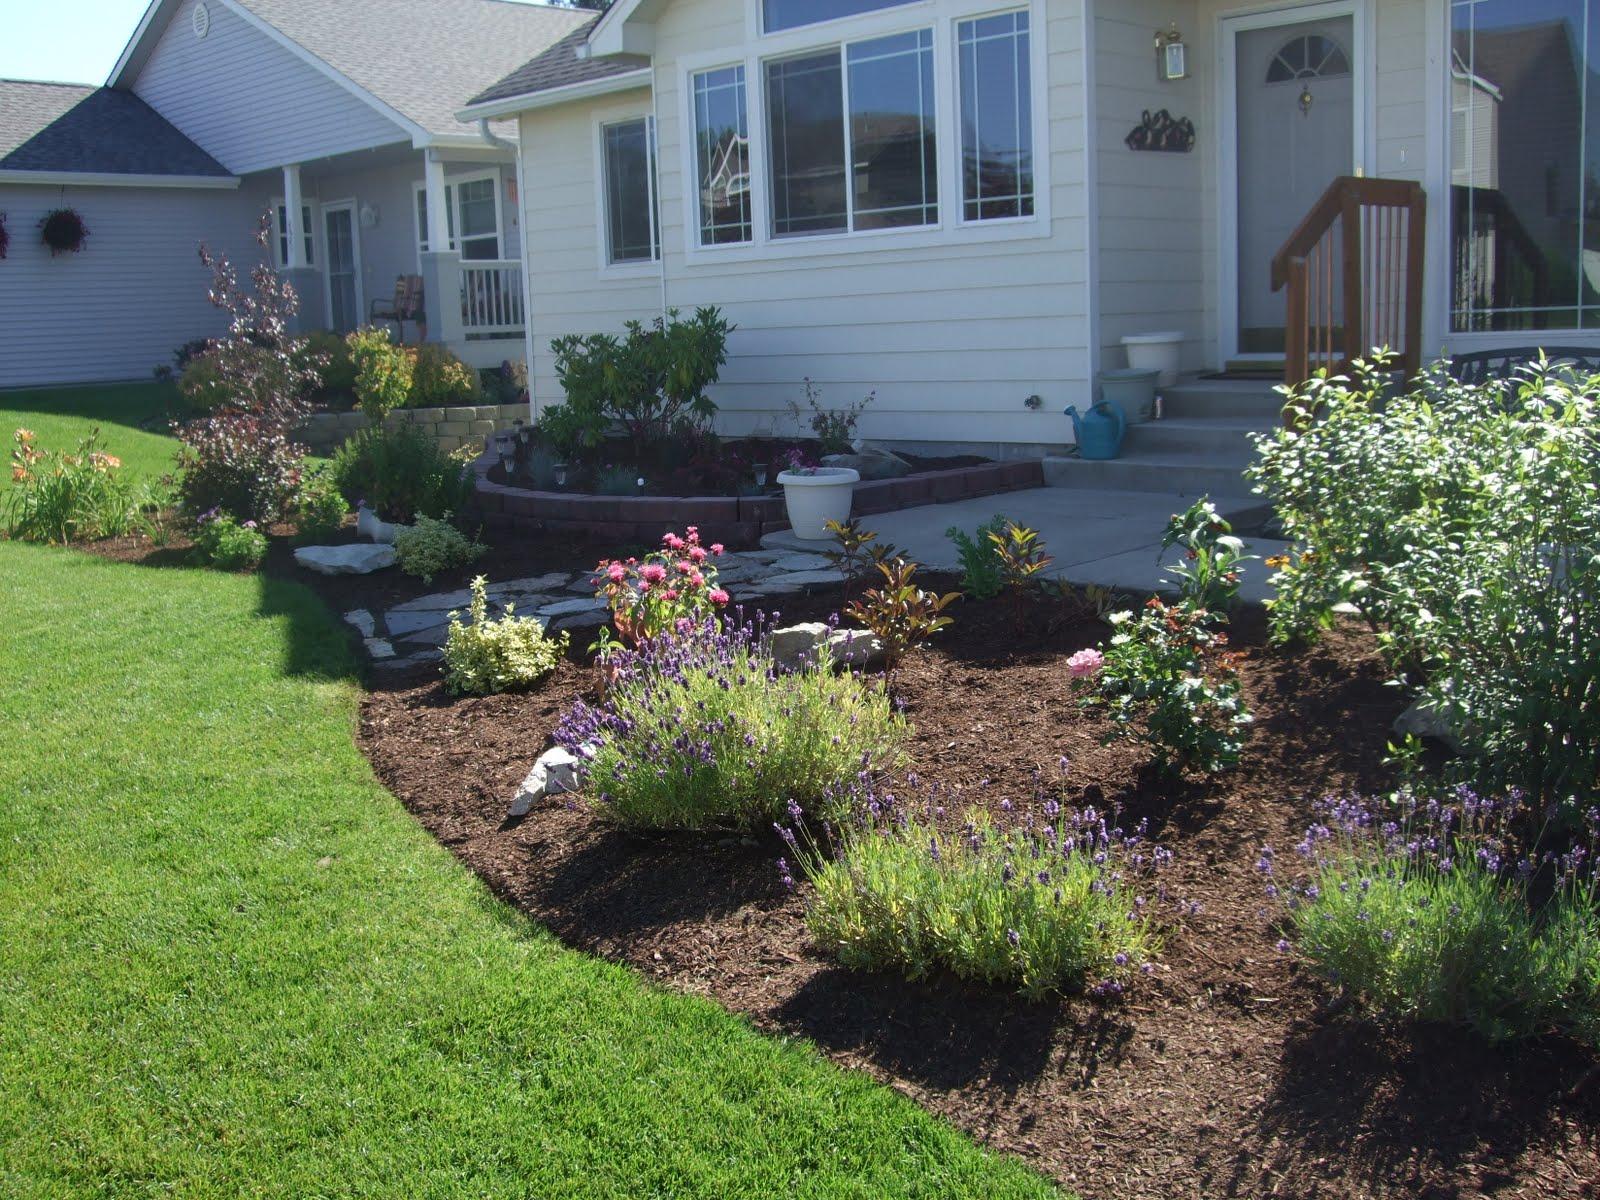 the folks at home front yard landscaping. Black Bedroom Furniture Sets. Home Design Ideas